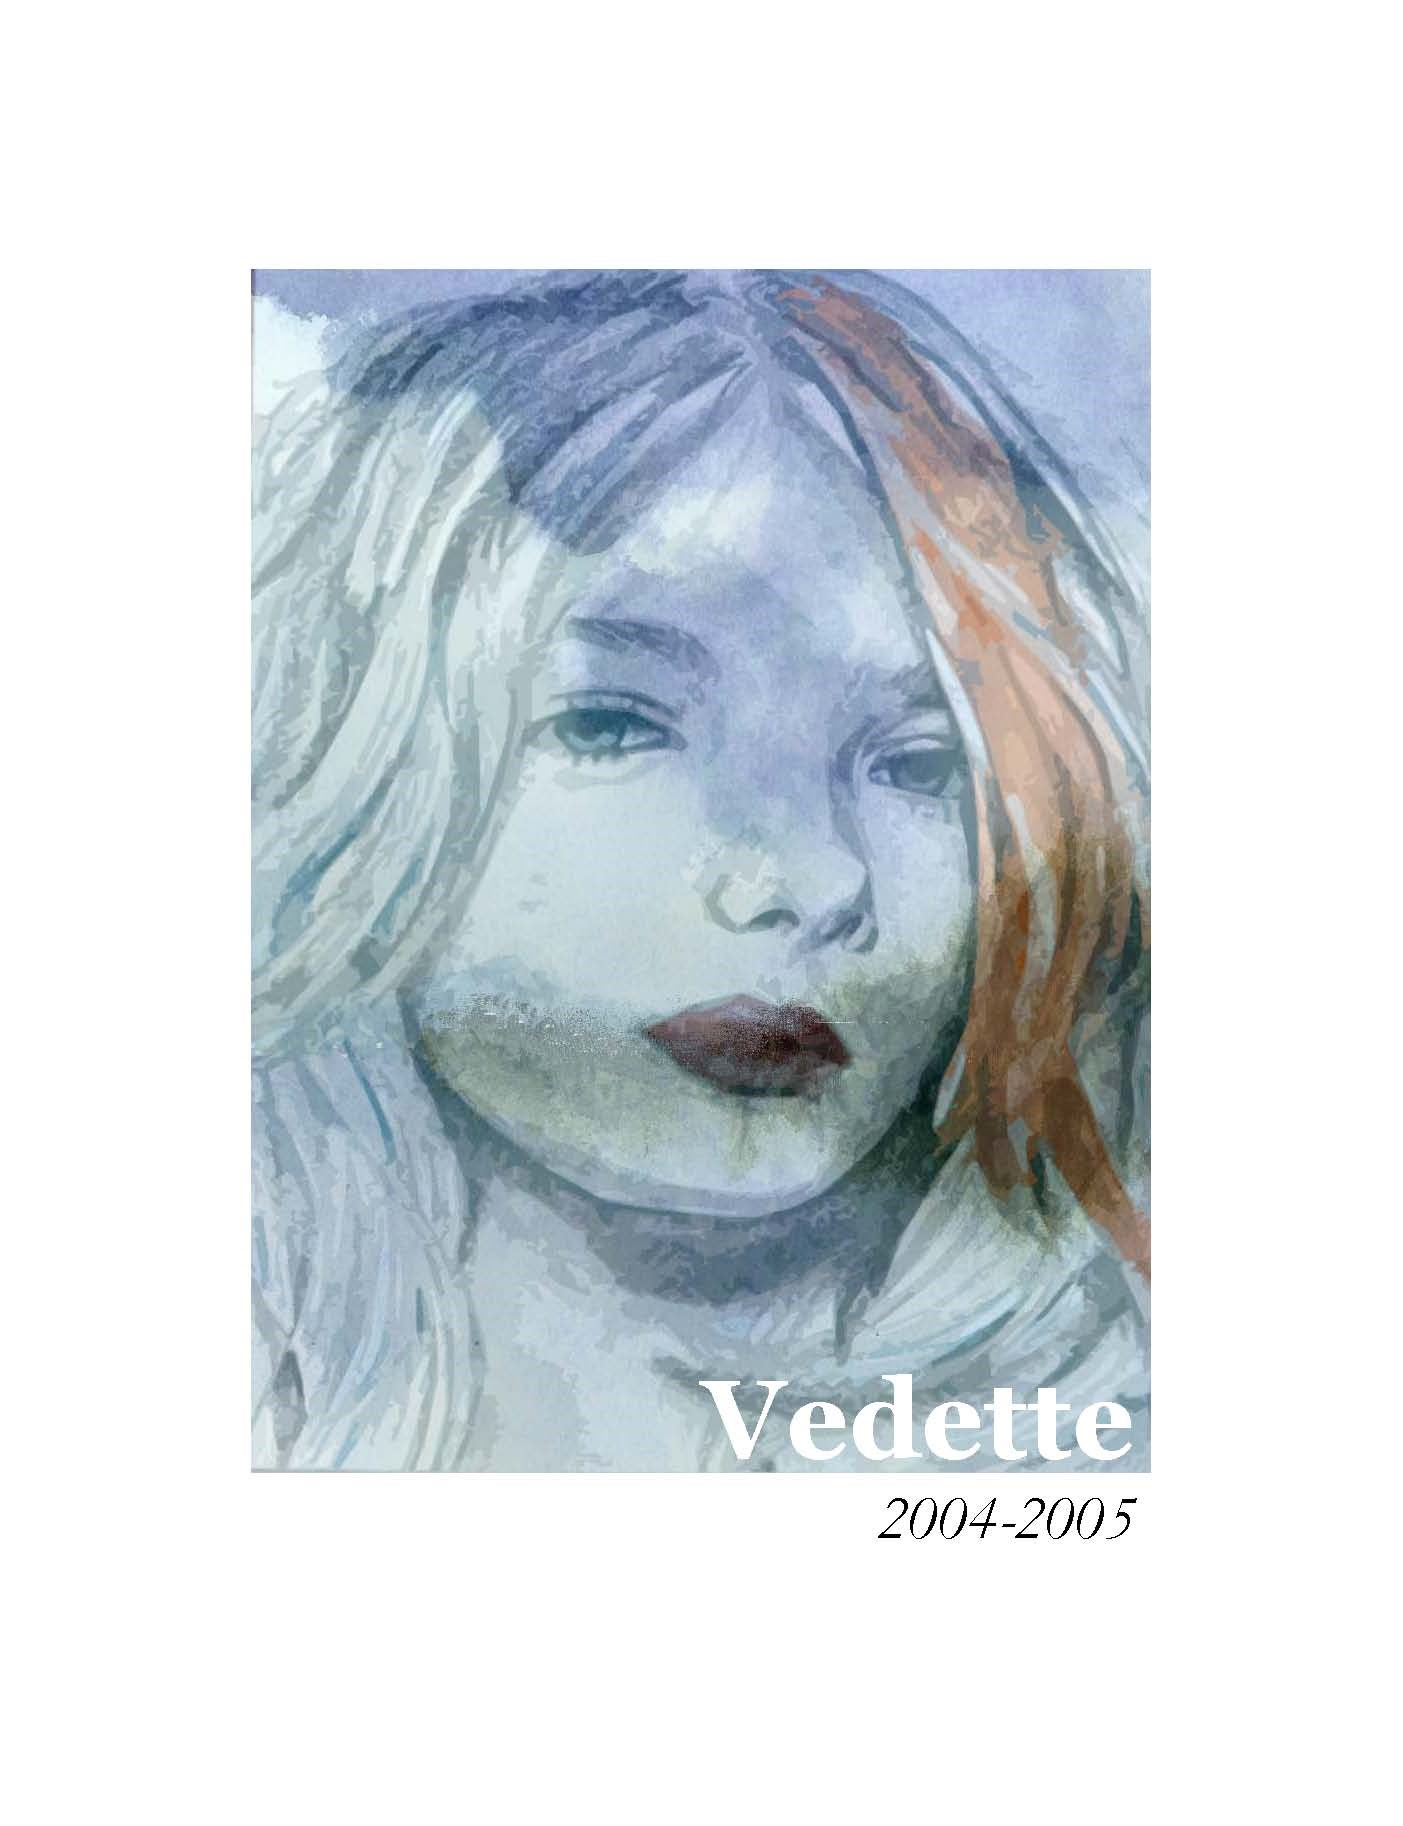 Vedette Cover 2004-2005